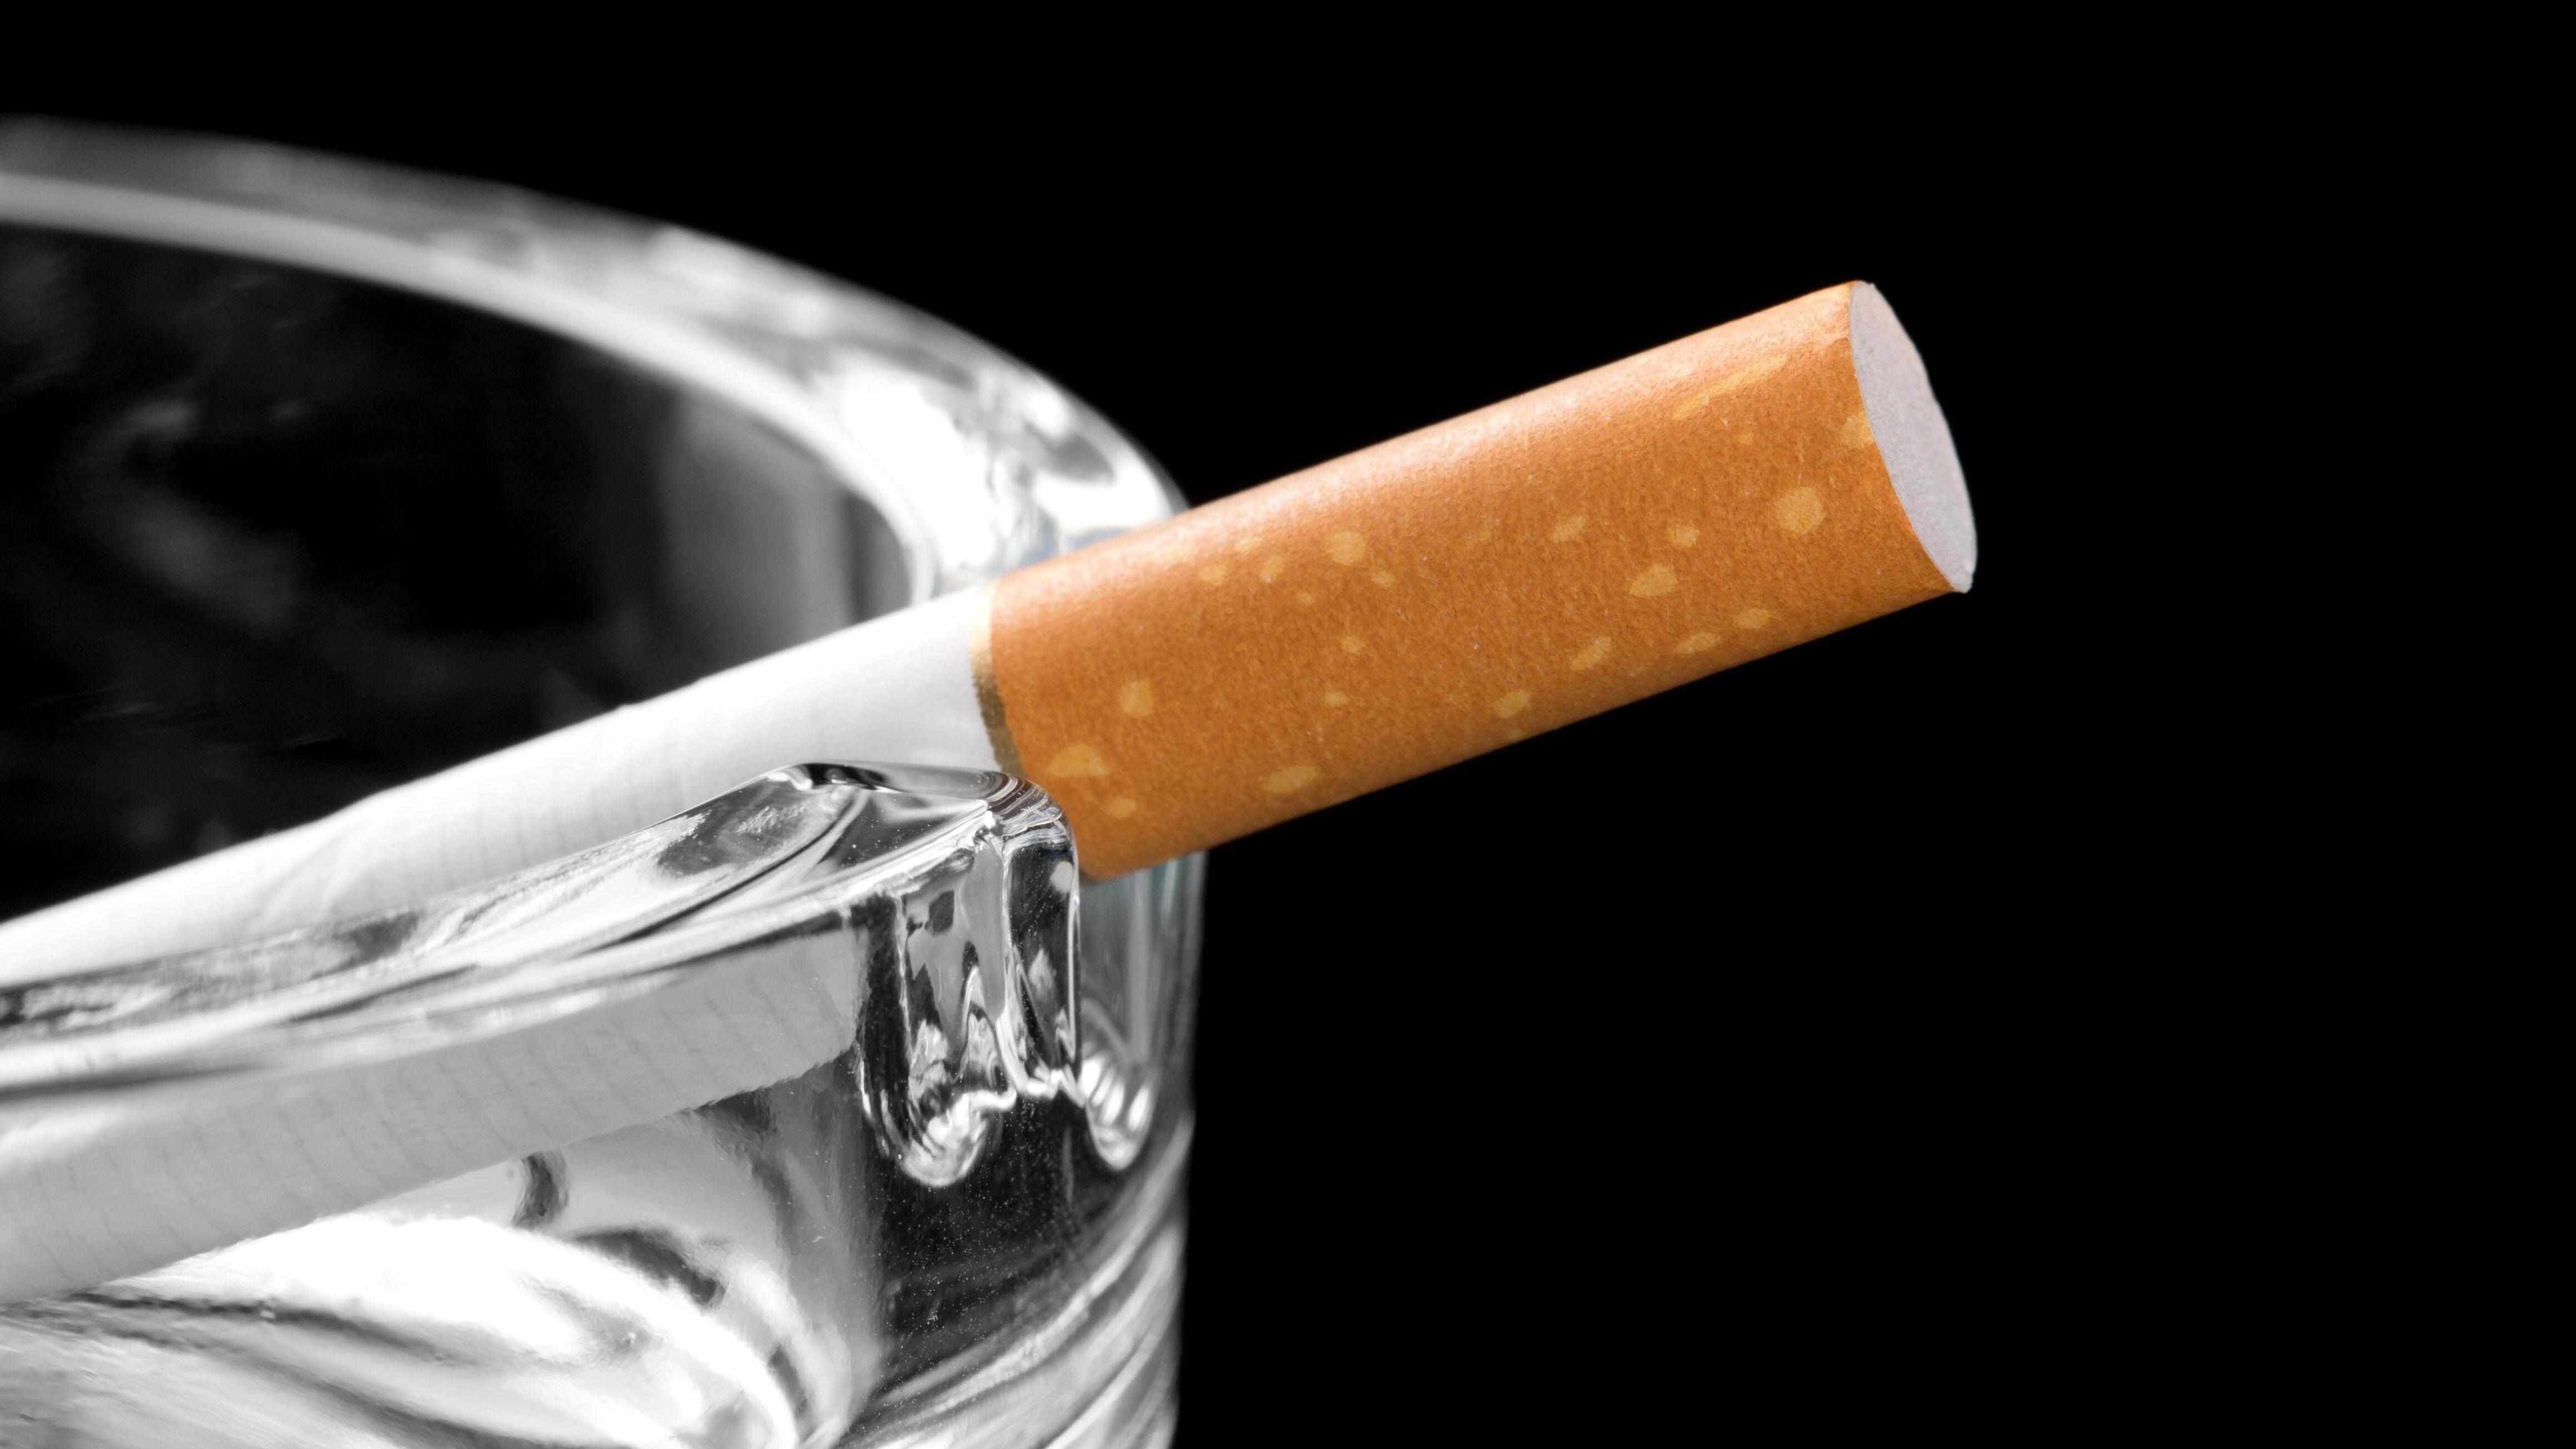 Nikotinfinger säubern: Die besten Tipps gegen die Verfärbungen